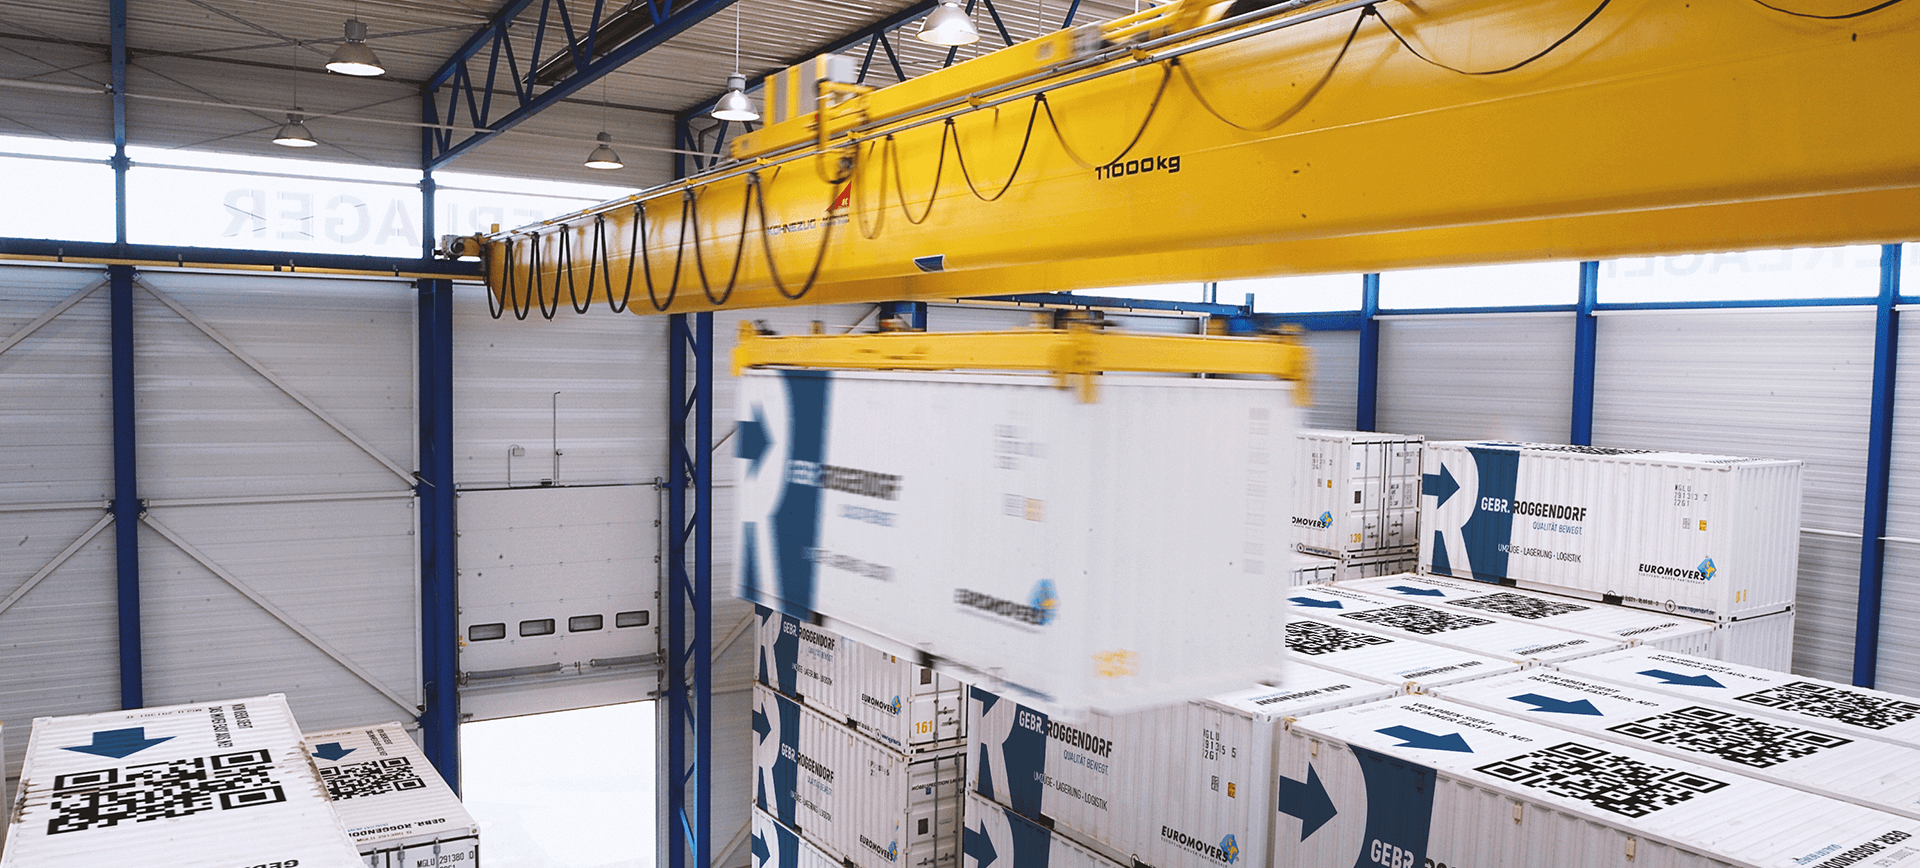 roggendorf umzug service lager archivierung containerlager